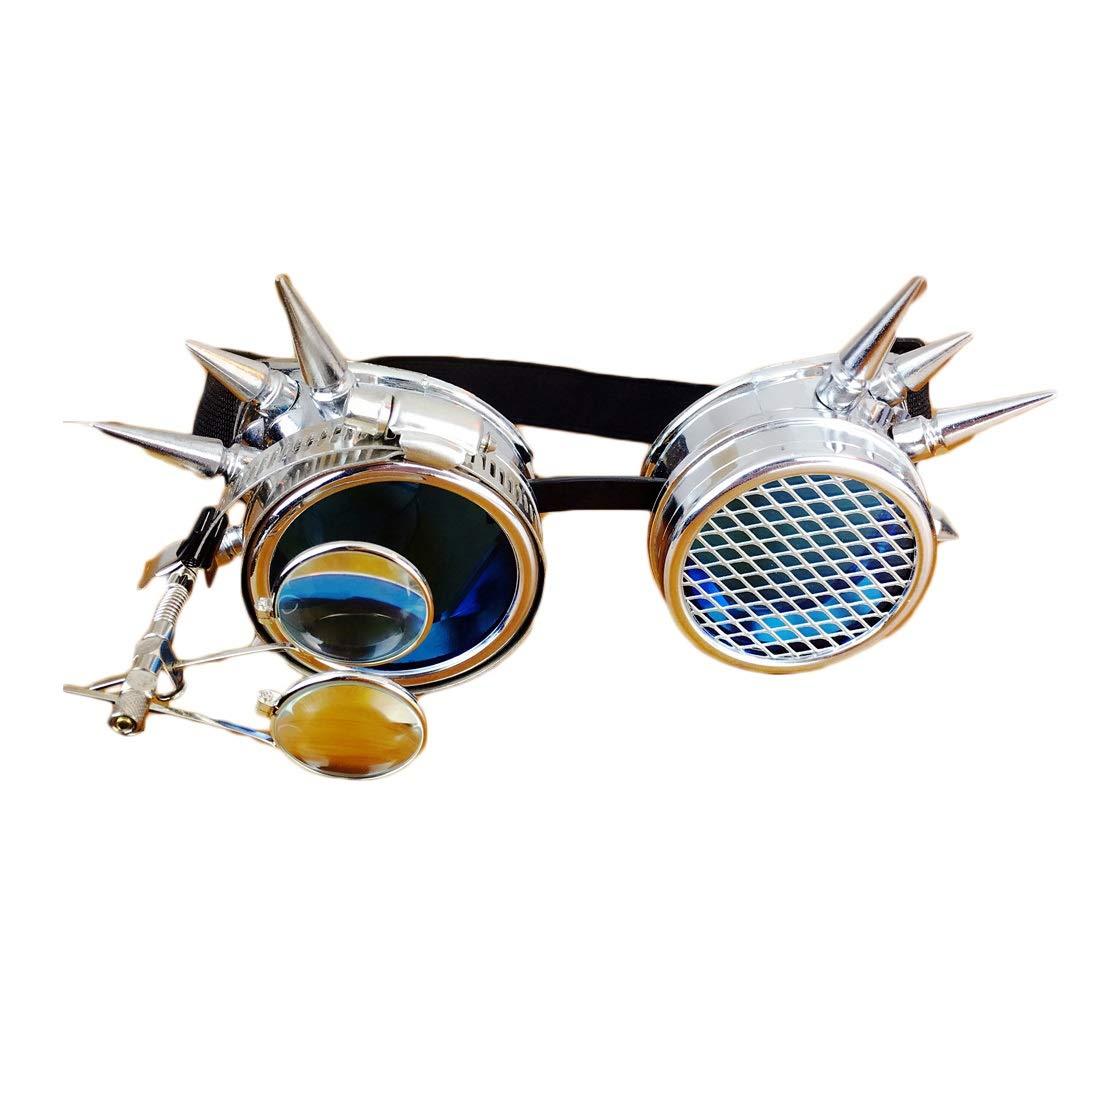 使い勝手の良い JOYS CLOTHING パンクゴーグルコスプレハロウィーンパーティー仮装小道具メガネ面白い (Color : Steampunk Steampunk CLOTHING goggles) Steampunk (Color goggles B07MBW55W5, 松浦市:f74e0ac2 --- a0267596.xsph.ru